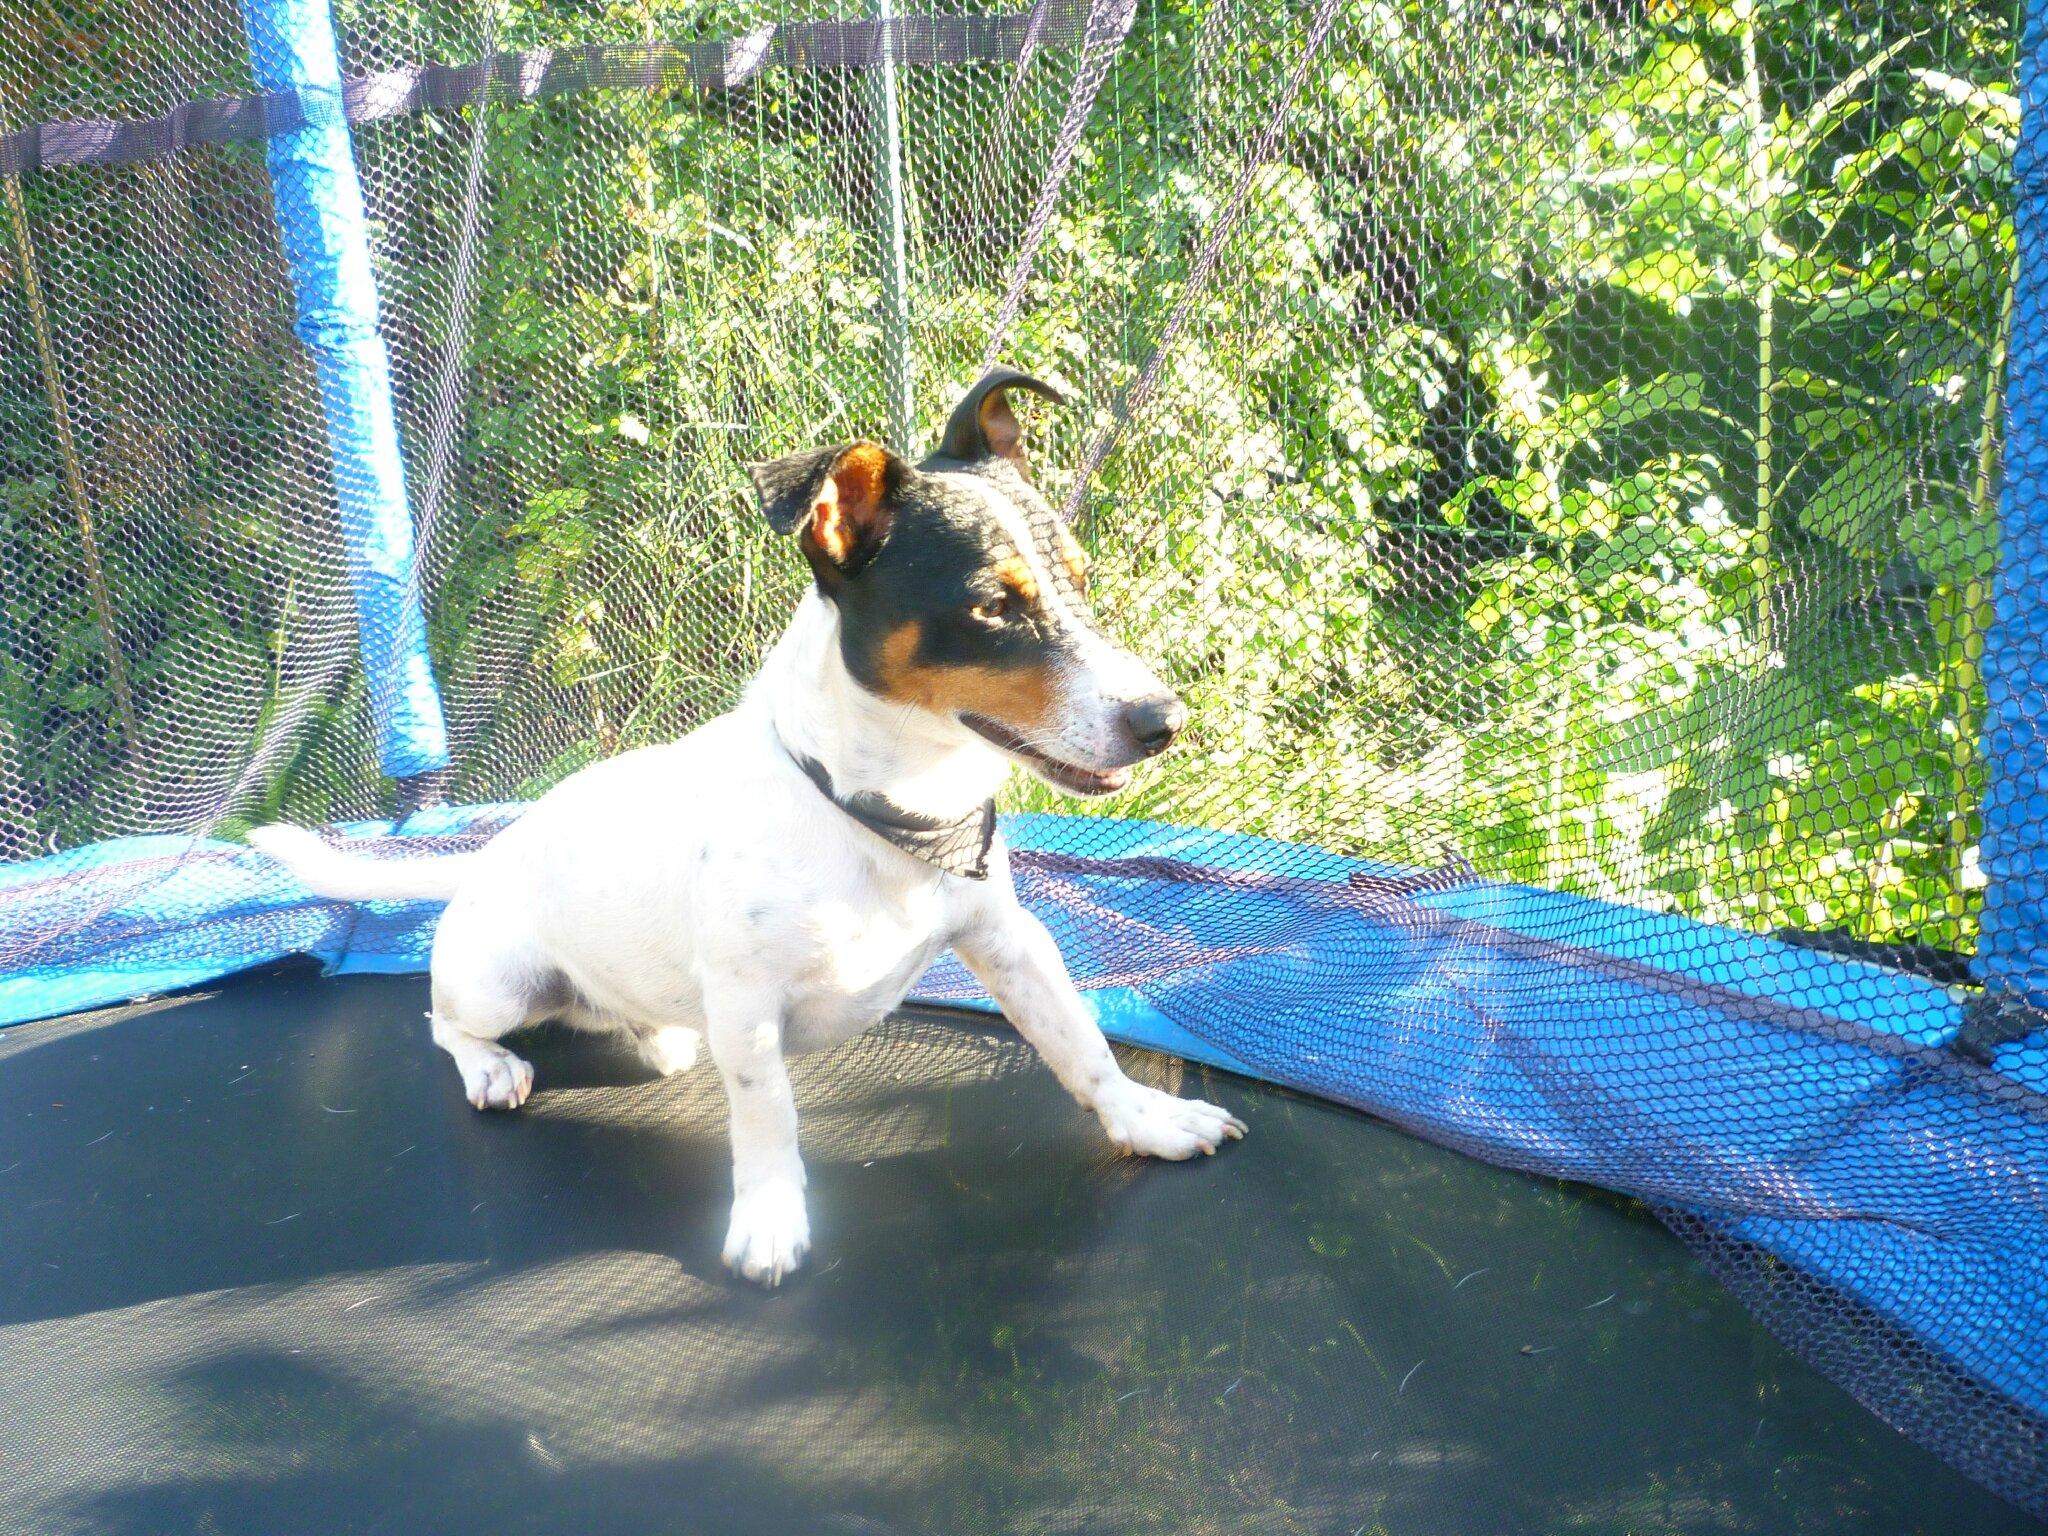 CATHY T famille d'accueil à MARCQ EN BAROEUL garde votre chien (dog sitter)